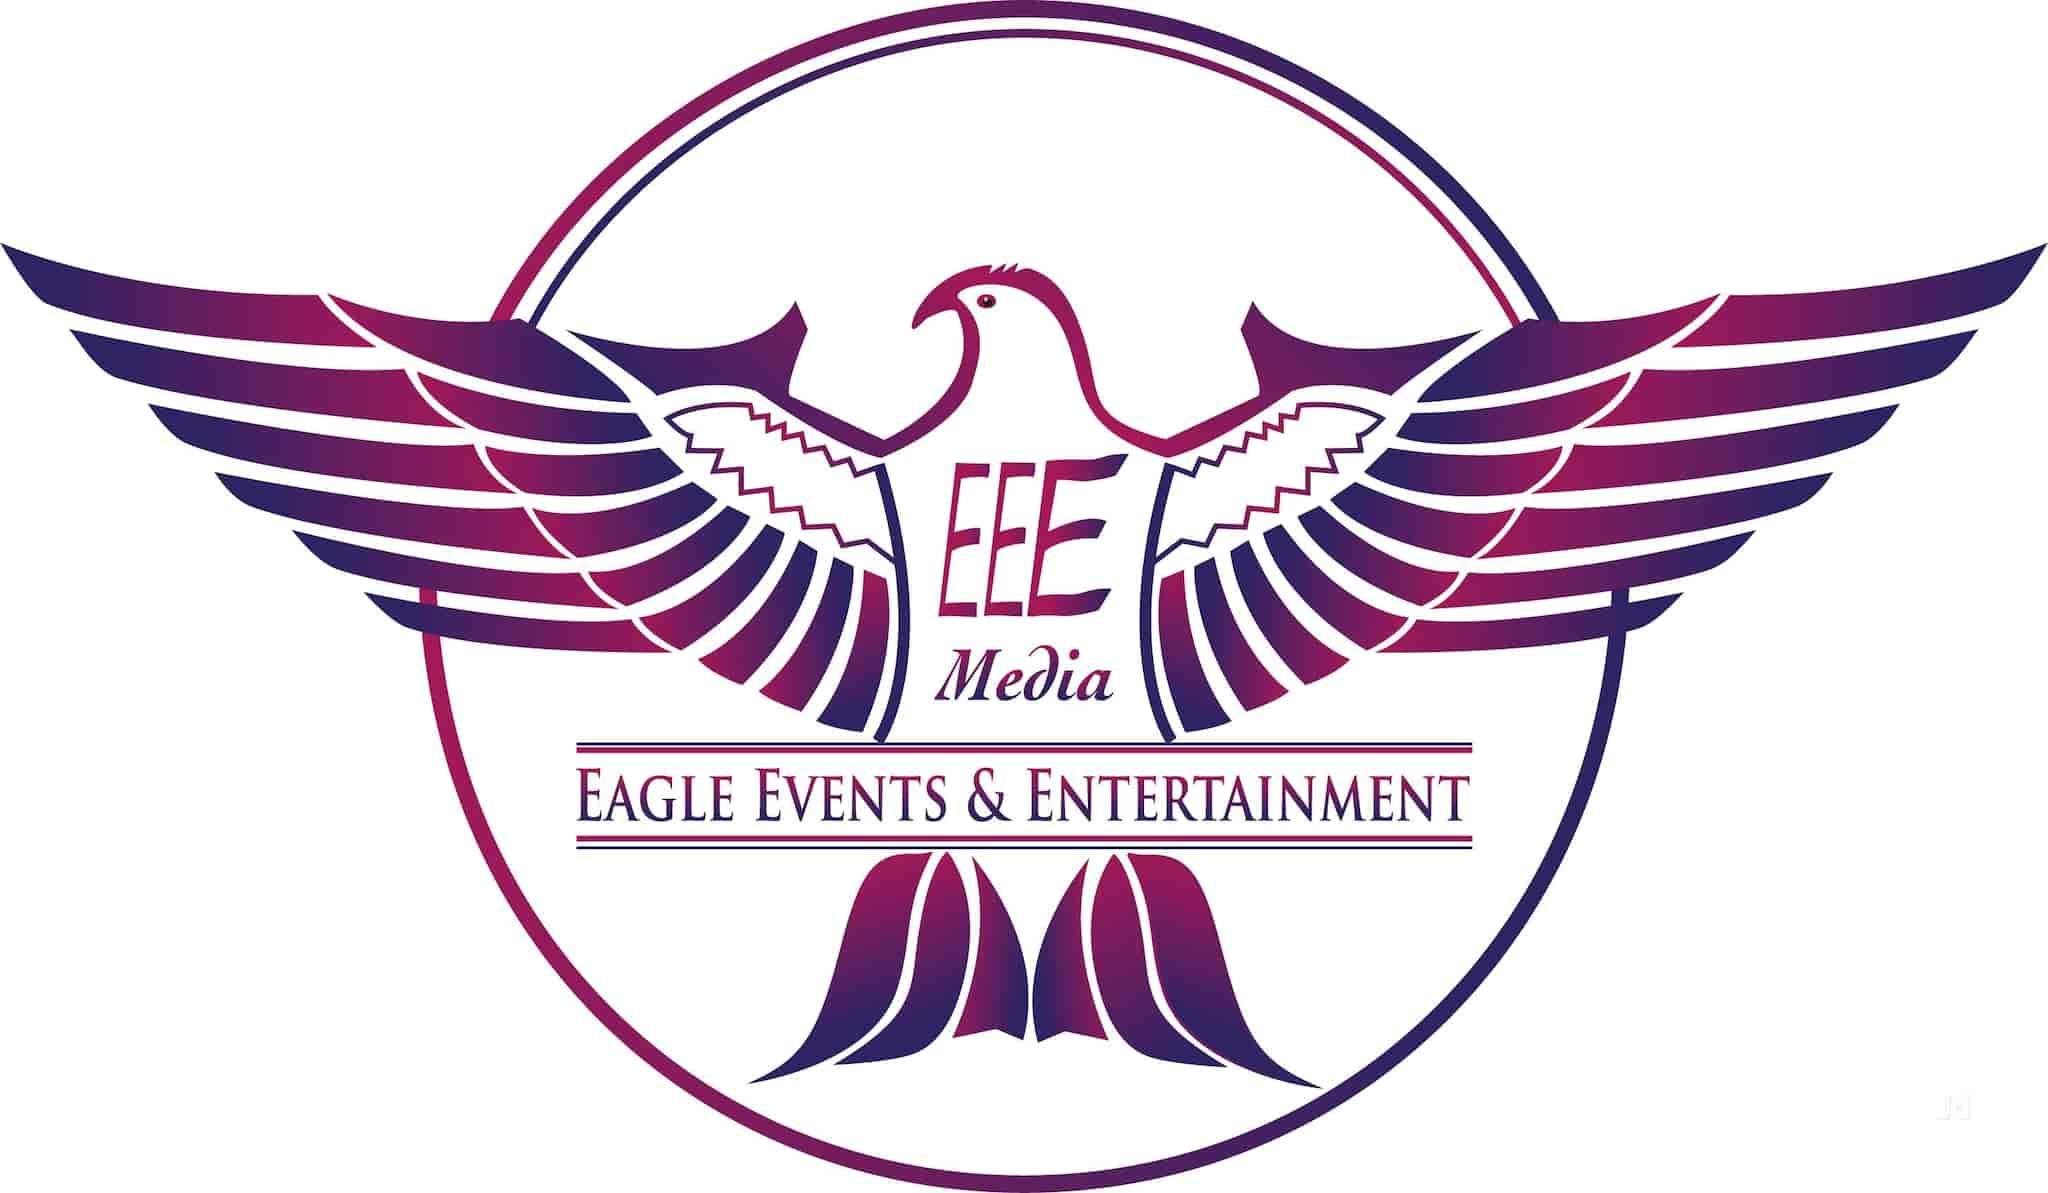 Eee MEDIA, Patamata - Event Organisers in Vijayawada - Justdial